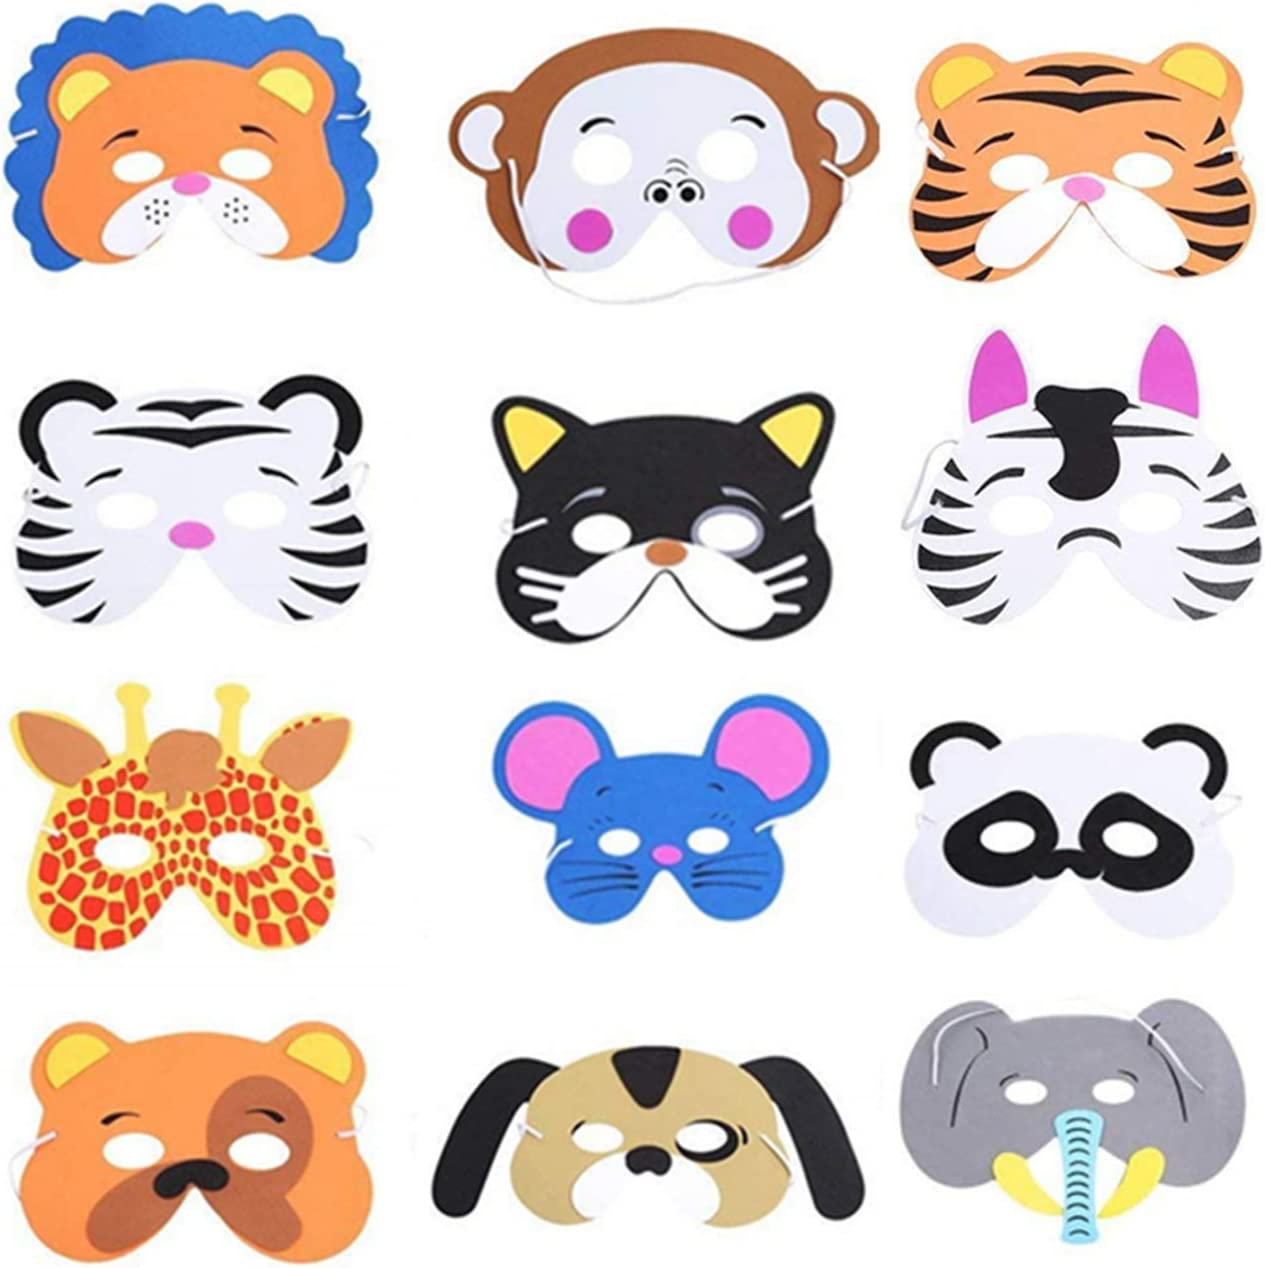 Kinder Schaum Tiere Masken 12 Stück Schaum Masken Dschungel Tier Masken Tiermasken Kinder Für Jungen Mädchen Geburtstag Halloween Christmas Party Supplies Baumarkt